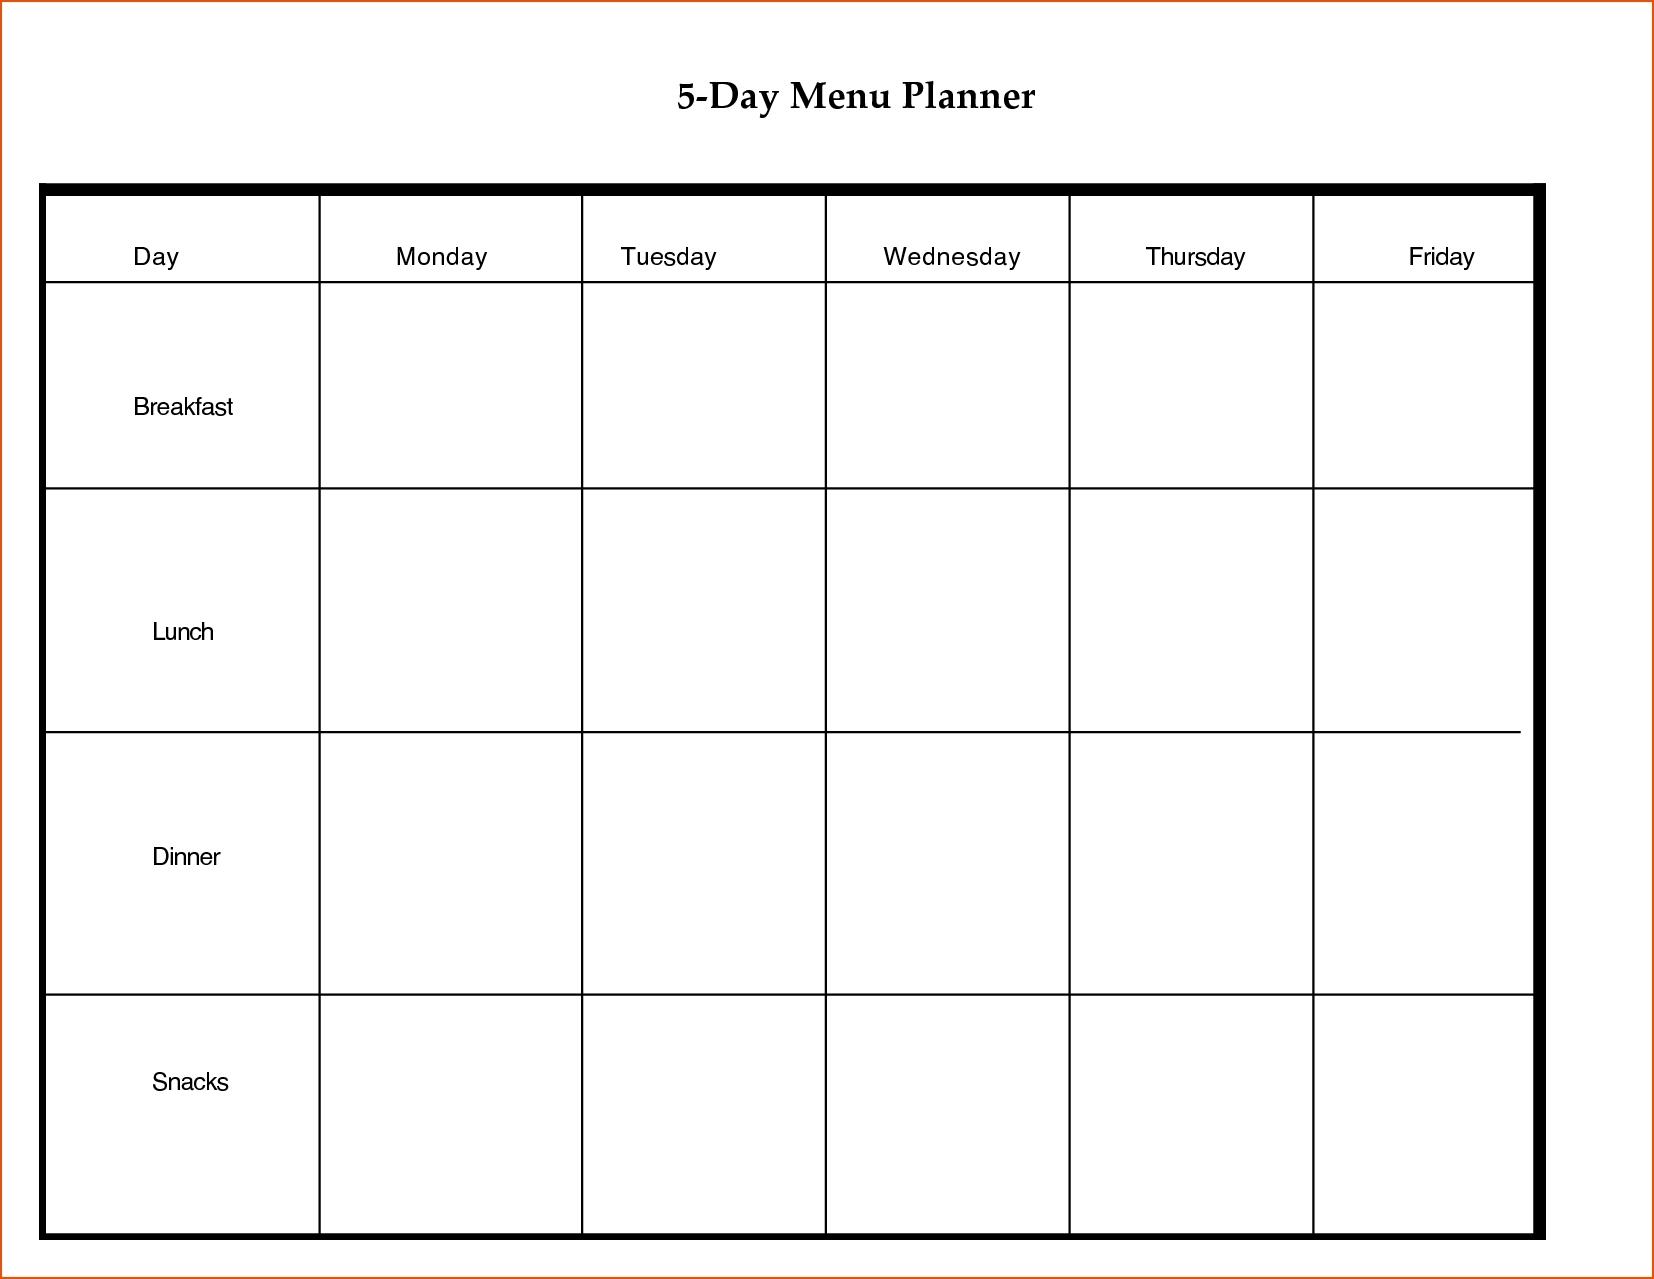 Day Schedule Template E2 80 93 Celo Yogawithjo Co Blank Calendar regarding 5 School Day Calendar Blank